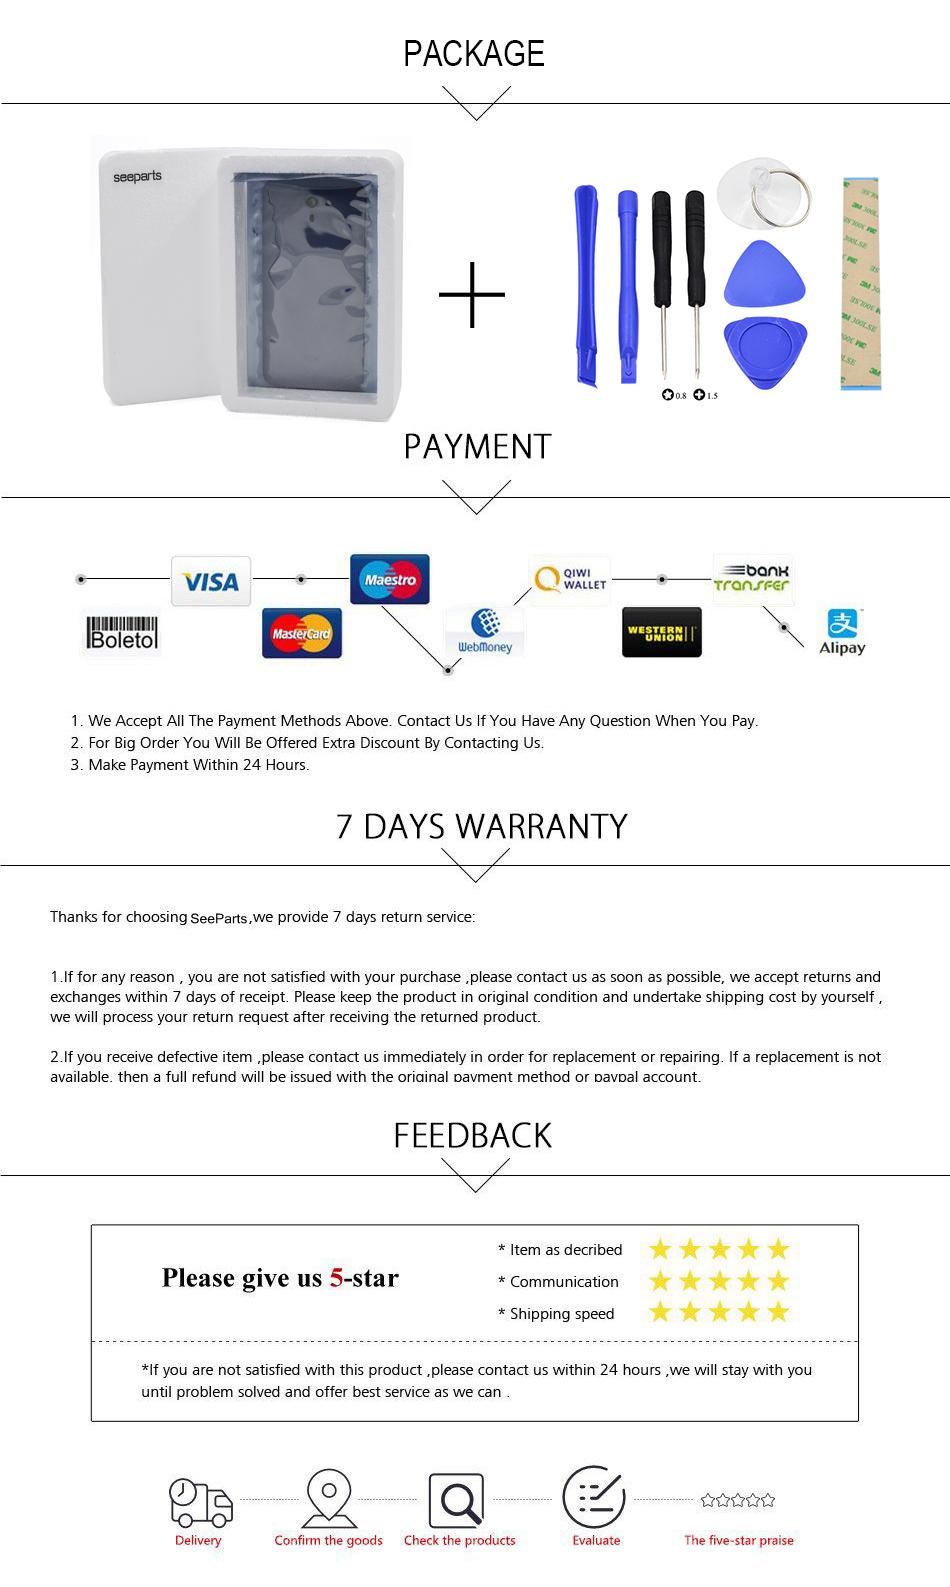 SeeParts LCD Package